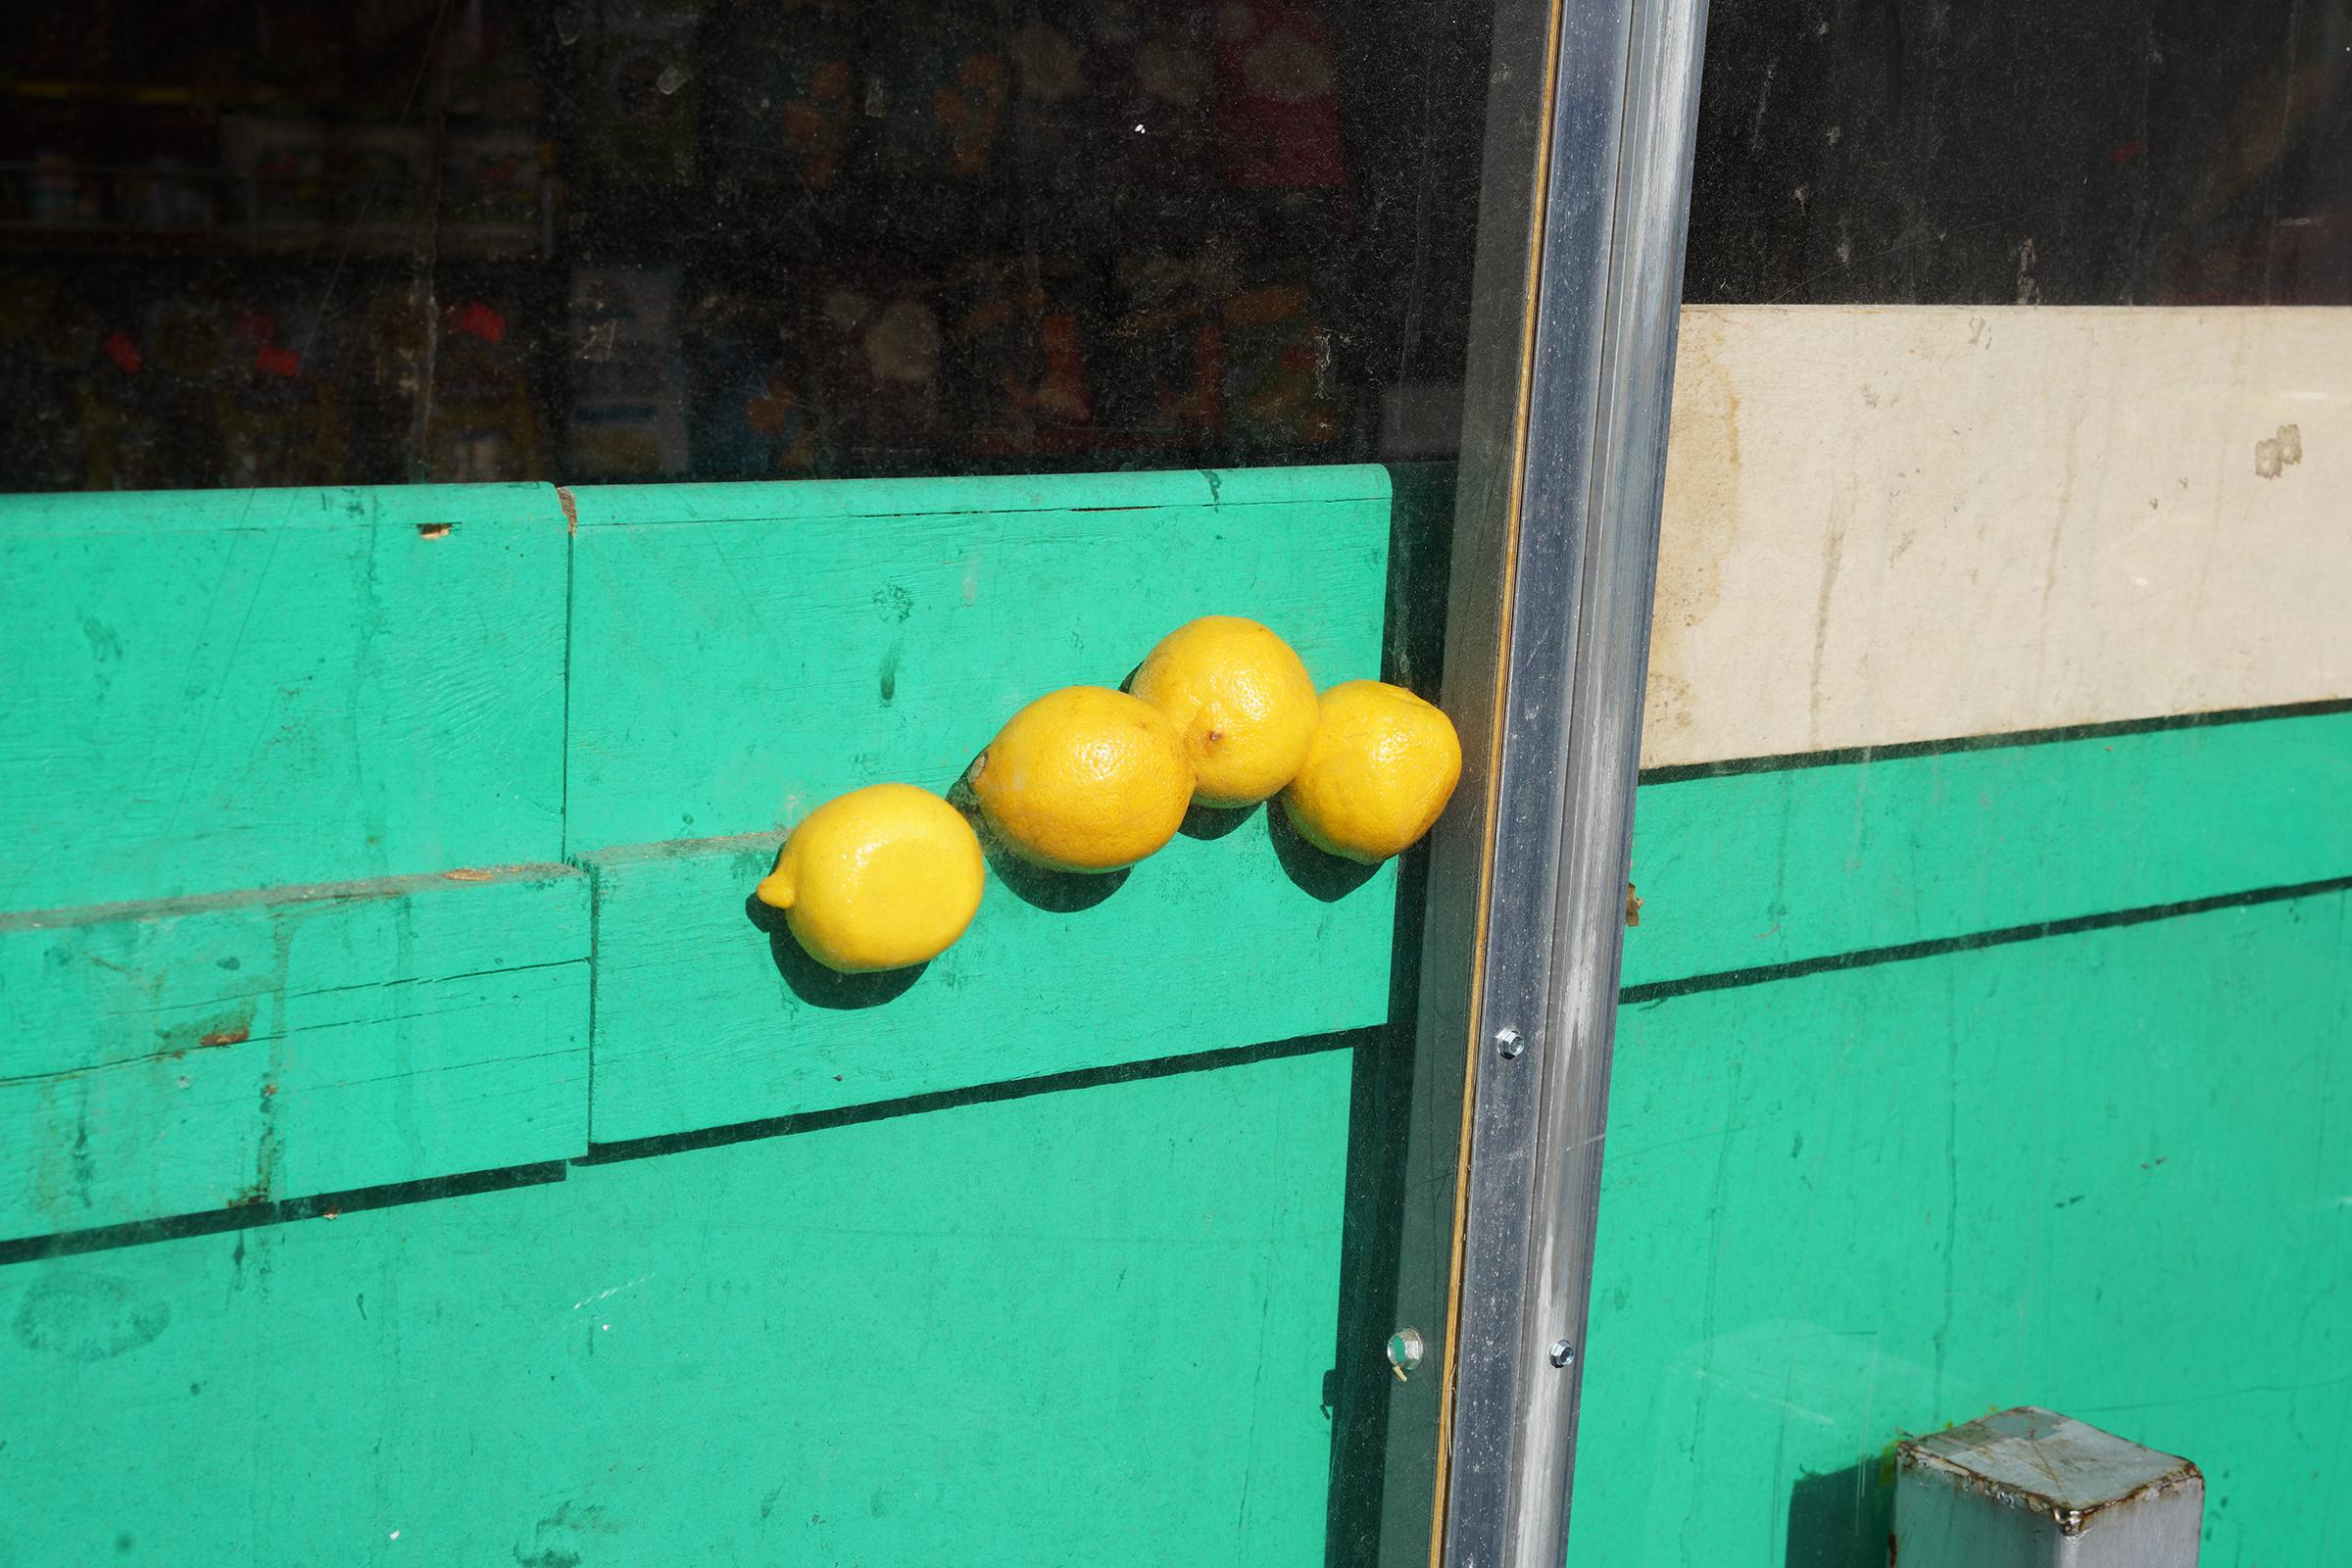 lemonsDSC09520.jpg